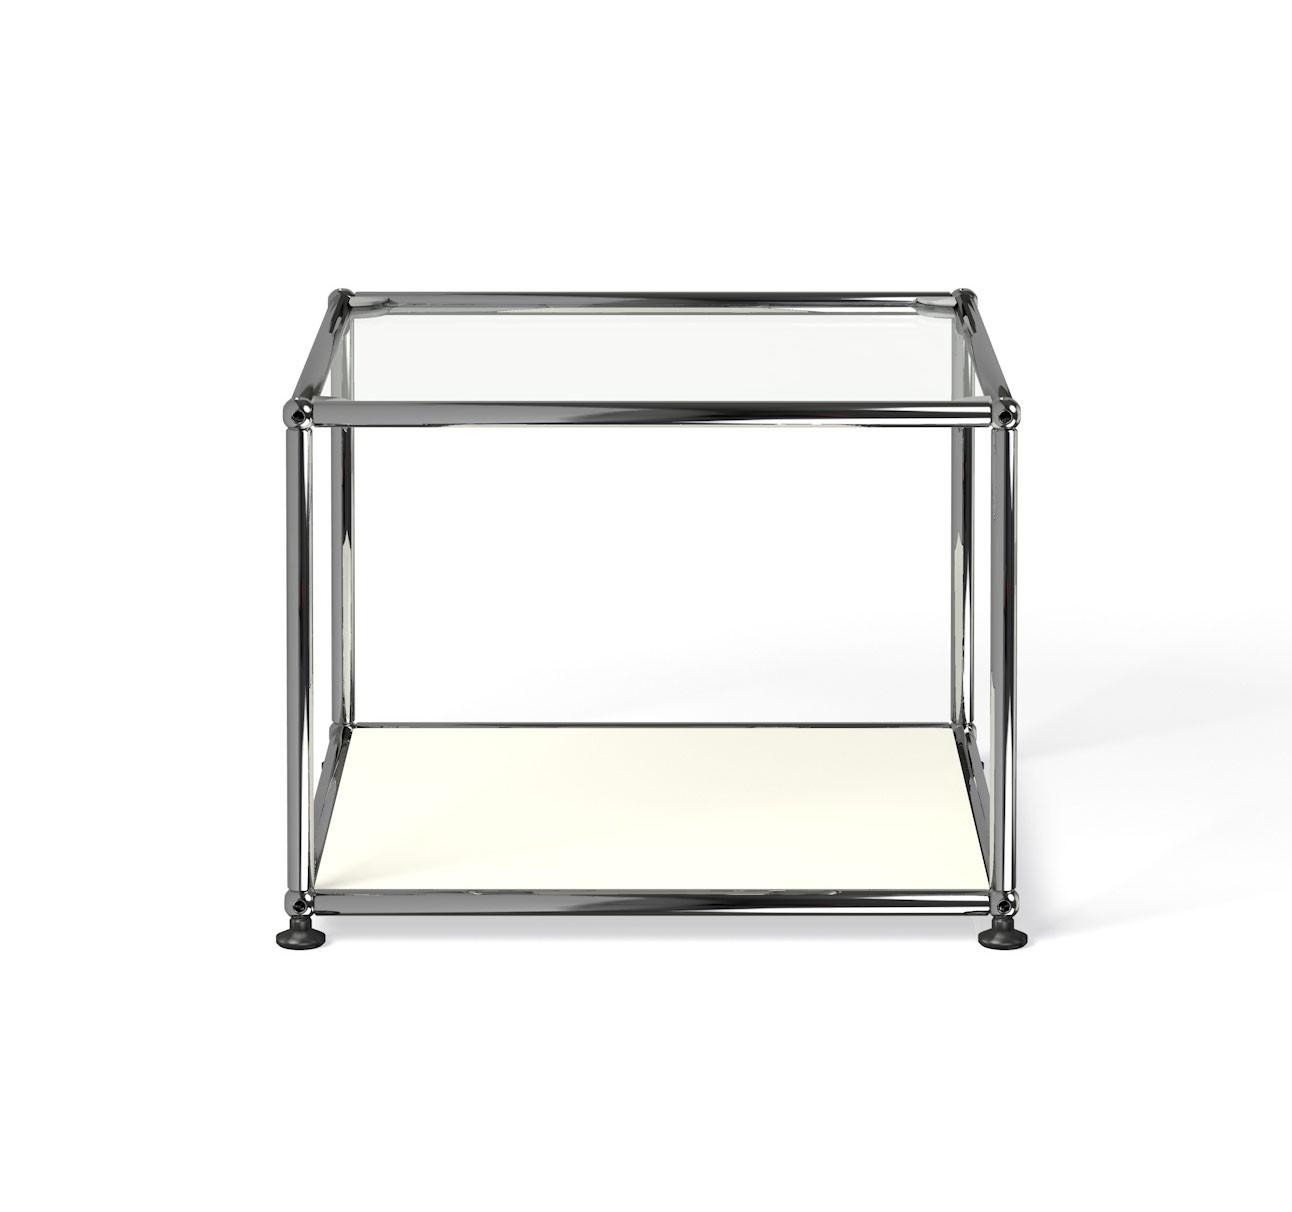 petite table basse carr e usm haller m17 blanc pur. Black Bedroom Furniture Sets. Home Design Ideas